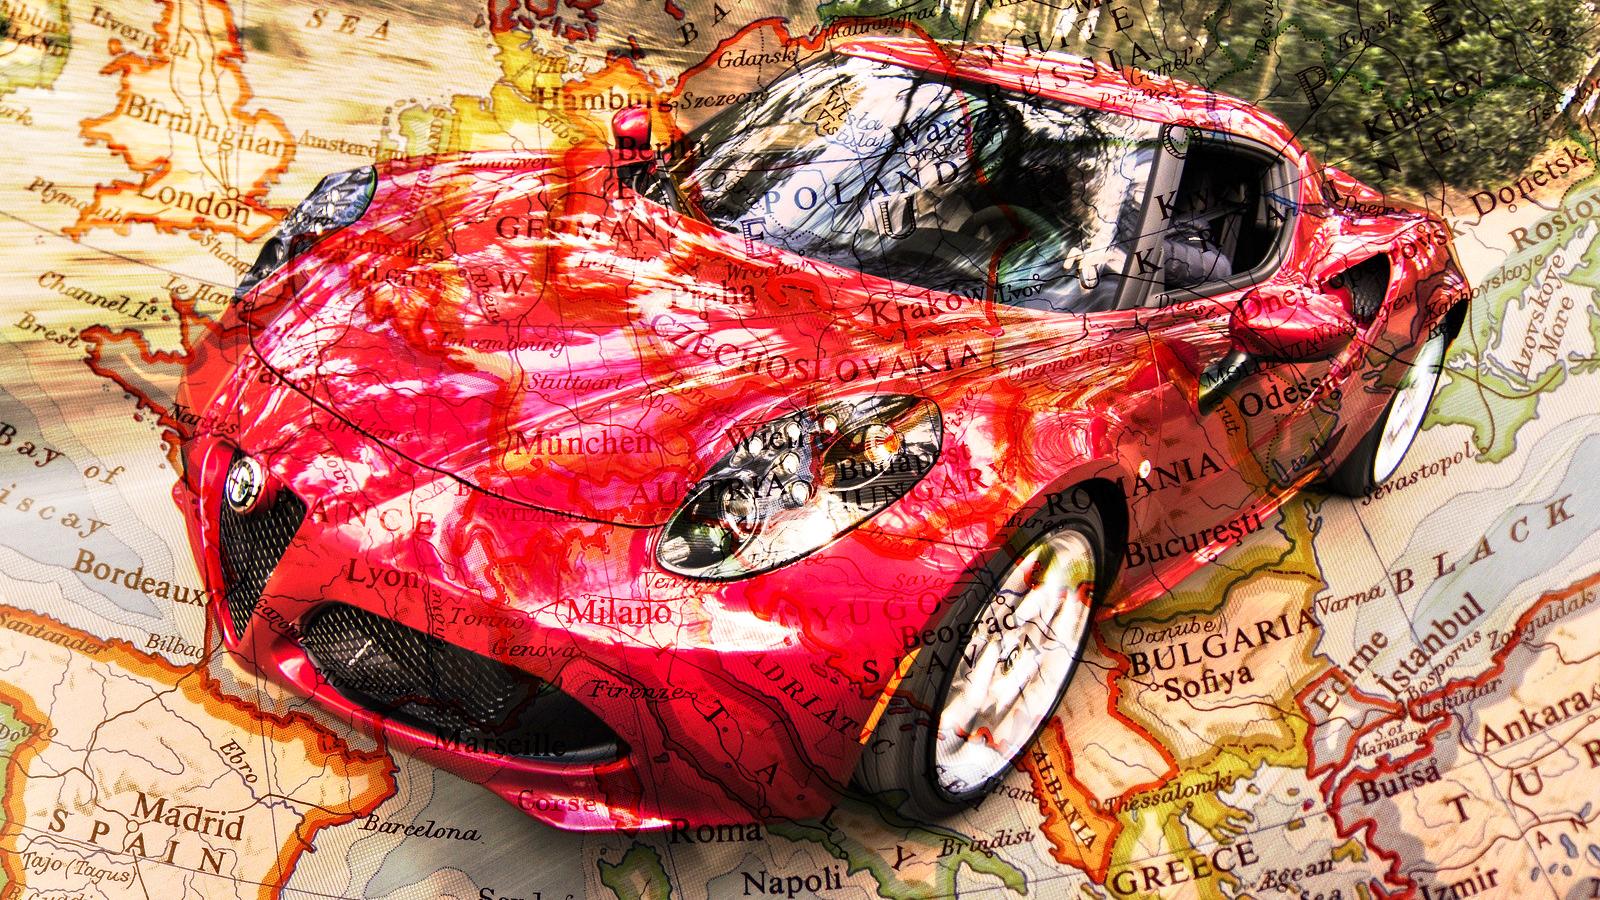 Der deutsche Gebrauchtwagenmarkt ist völlig überteuert! Wir zeigen Euch, wo man günstige und gute Autos kaufen kann